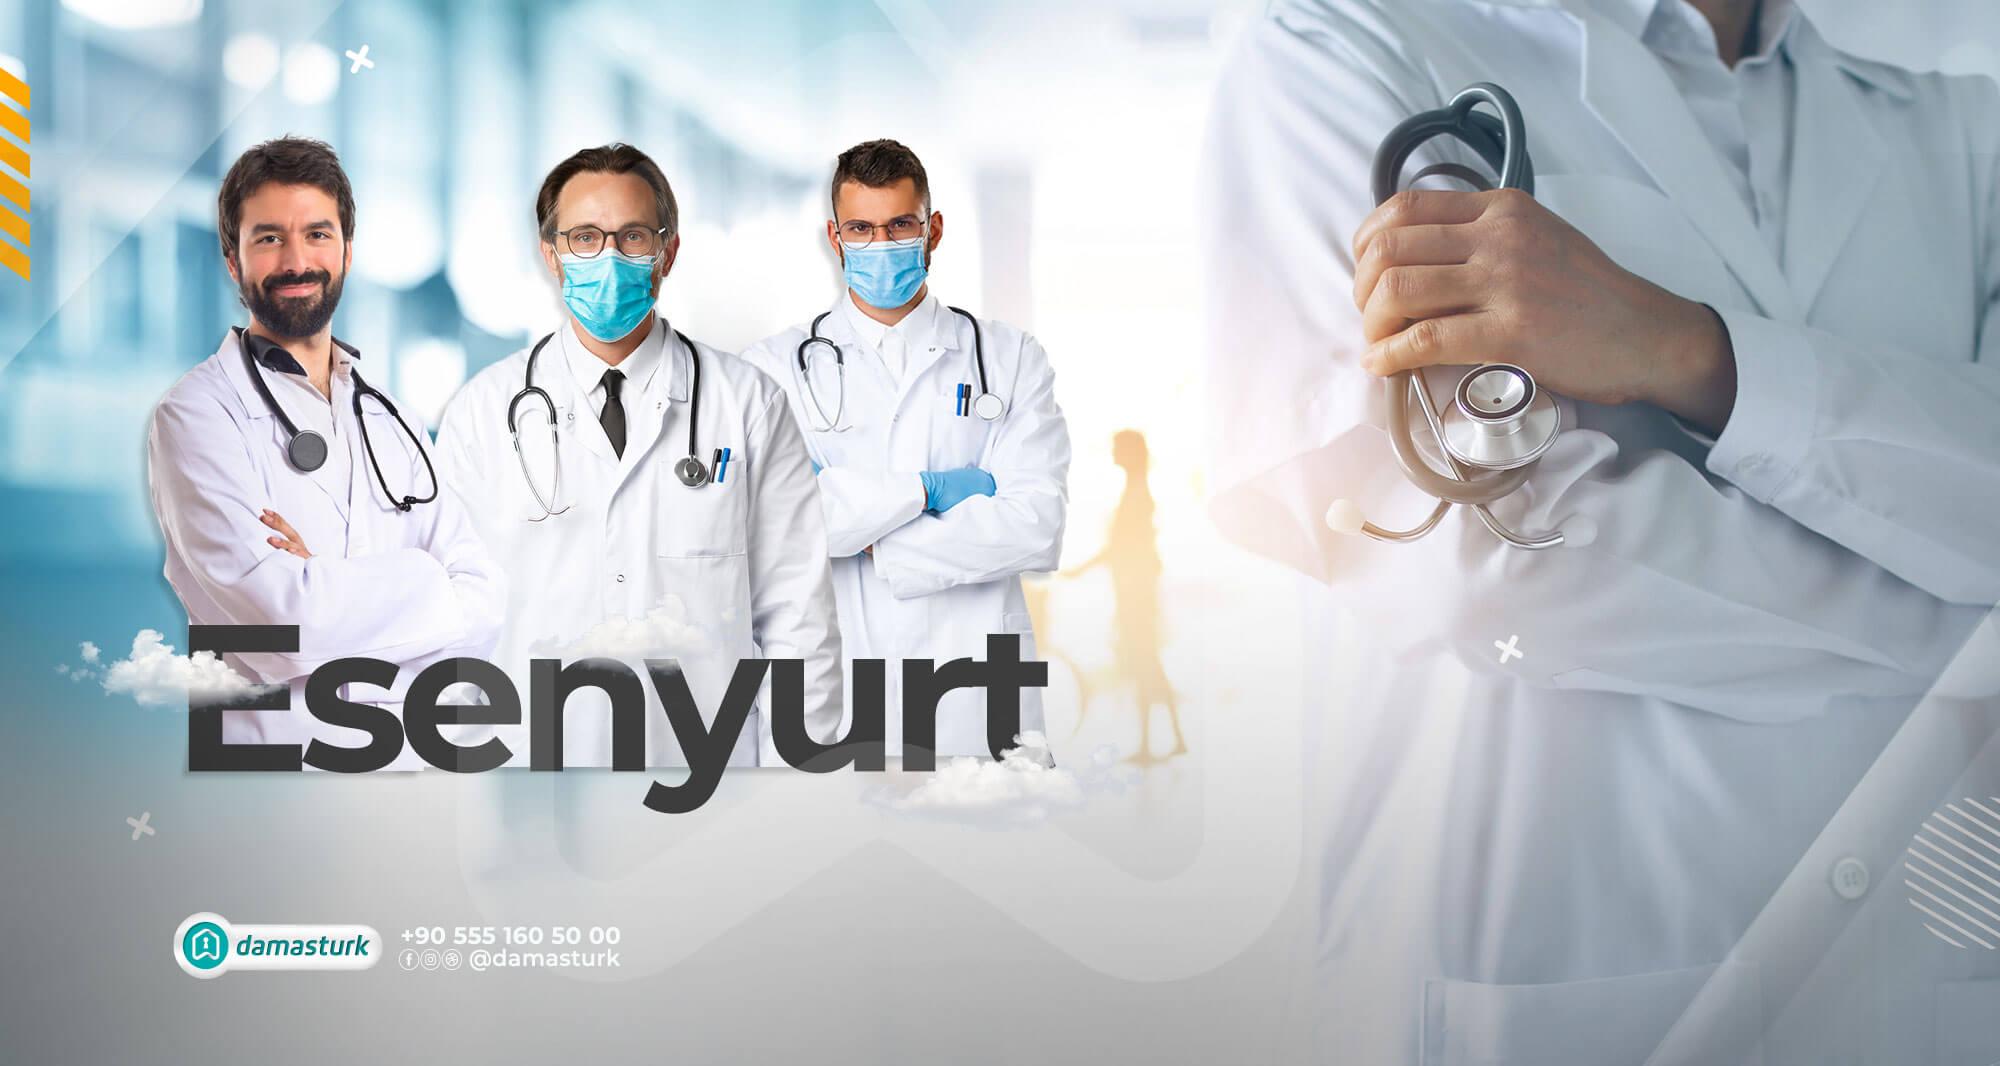 المستشفيات وجميع المراكز الصحية في إسنيورت 2021